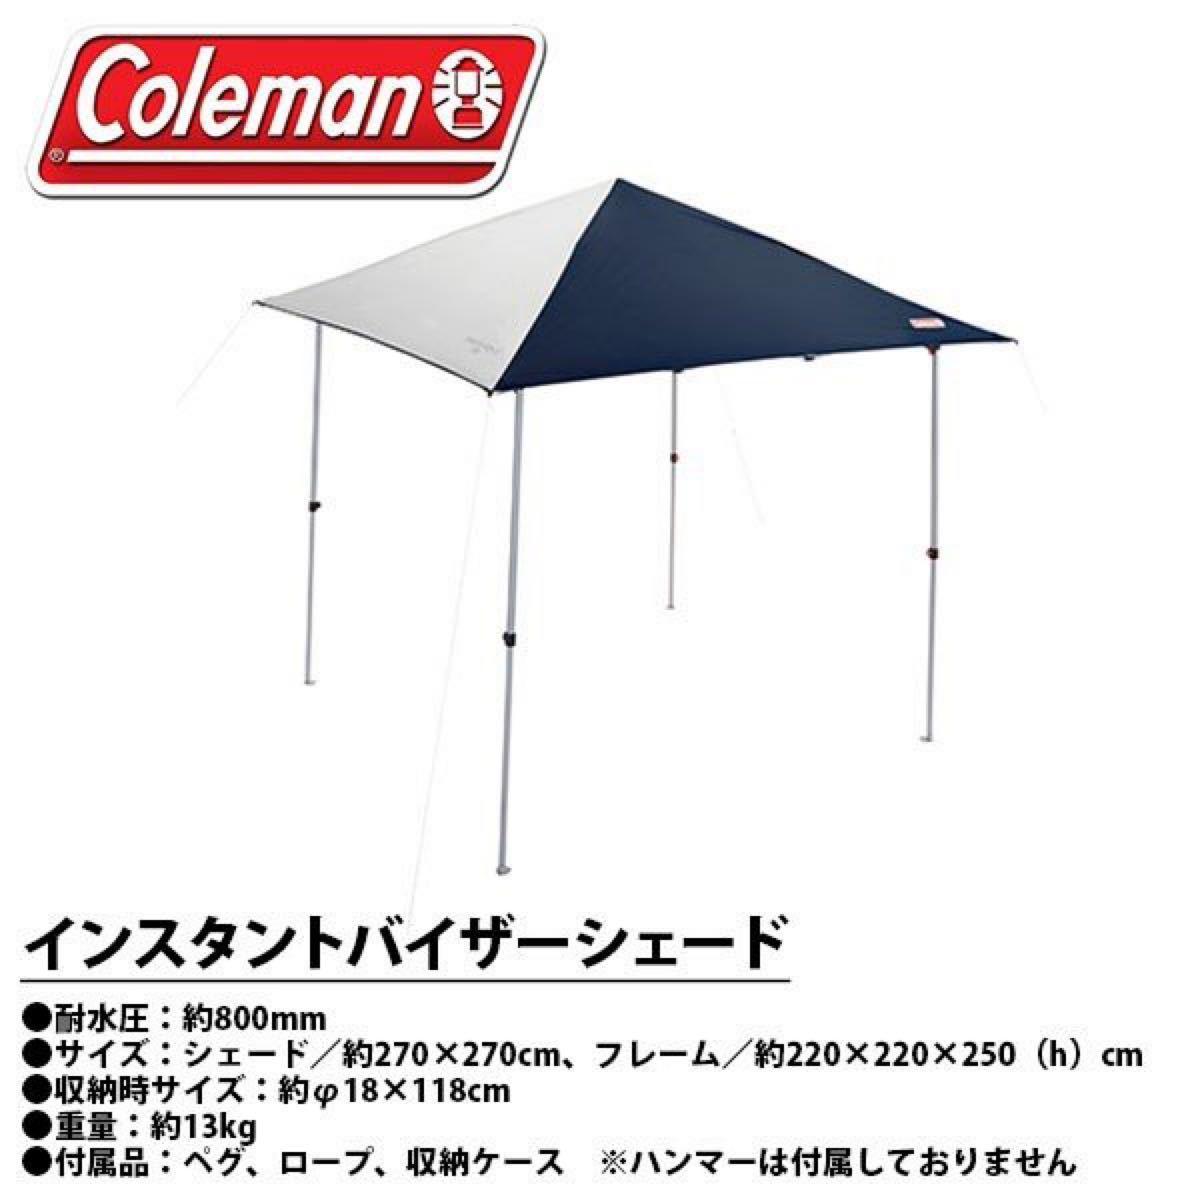 Coleman コールマン インスタントバイザーシェード テントタープ スノーピーク レクタ